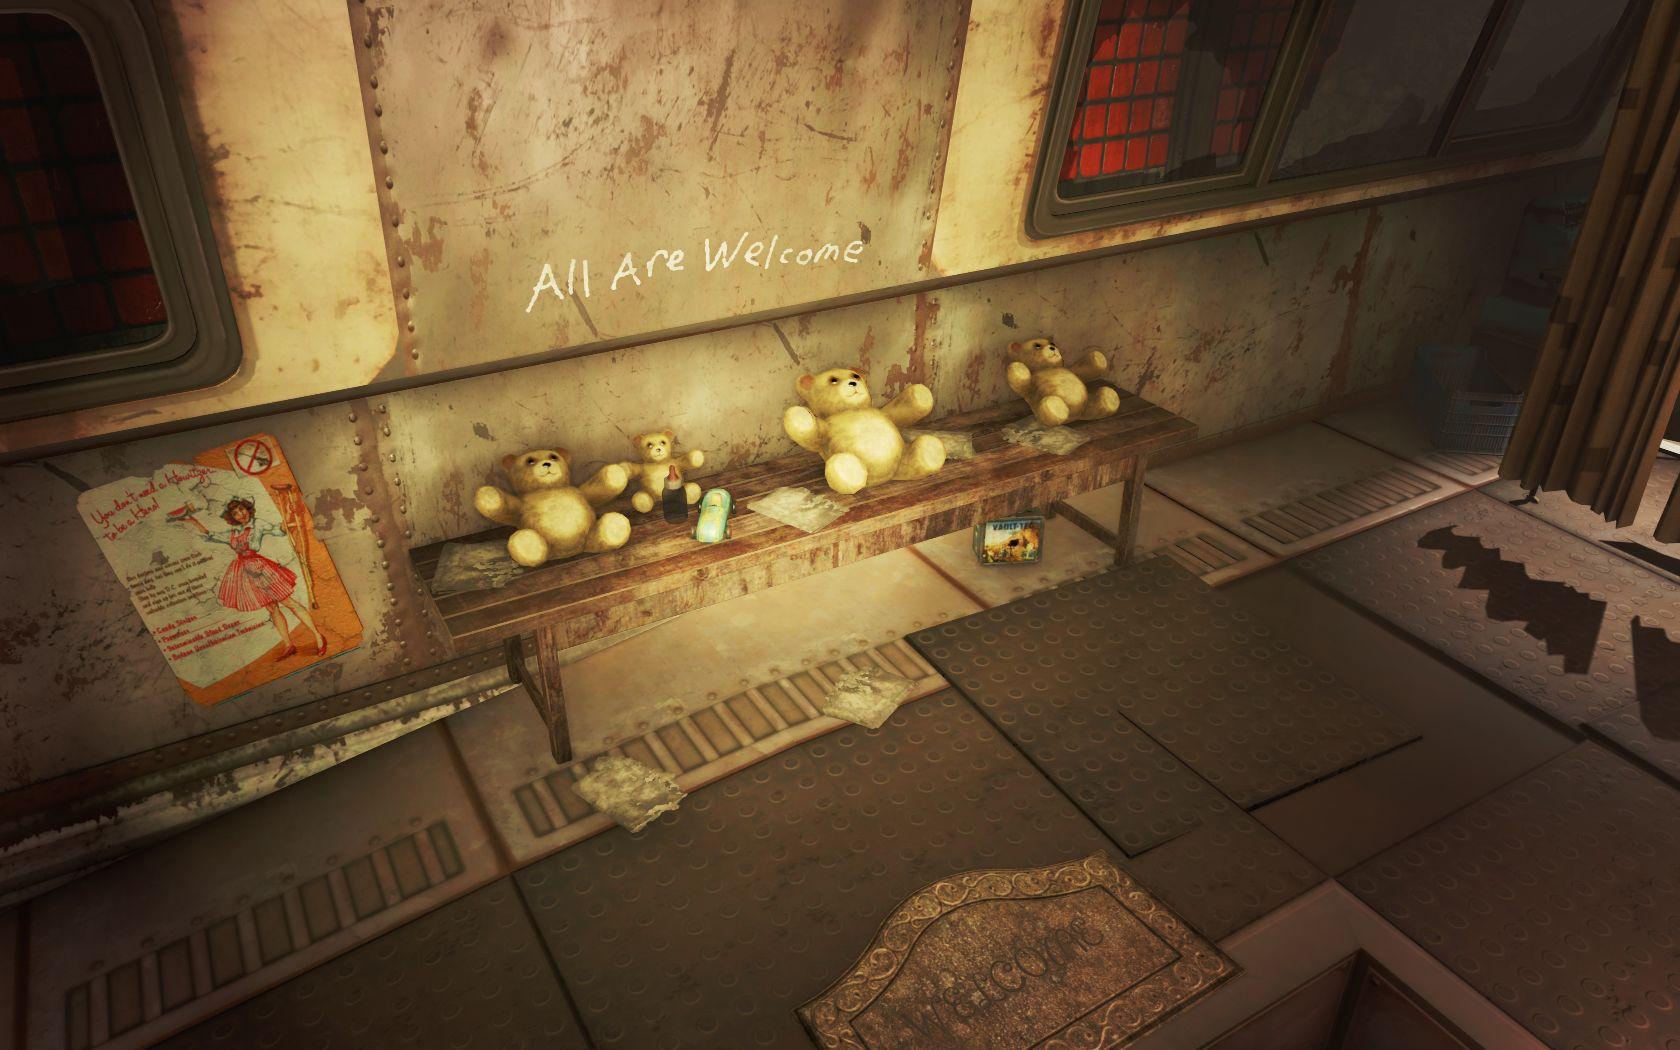 Гостеприимные мишки (Тоннель Масс-Пайк) v2 - Fallout 4 Юмор